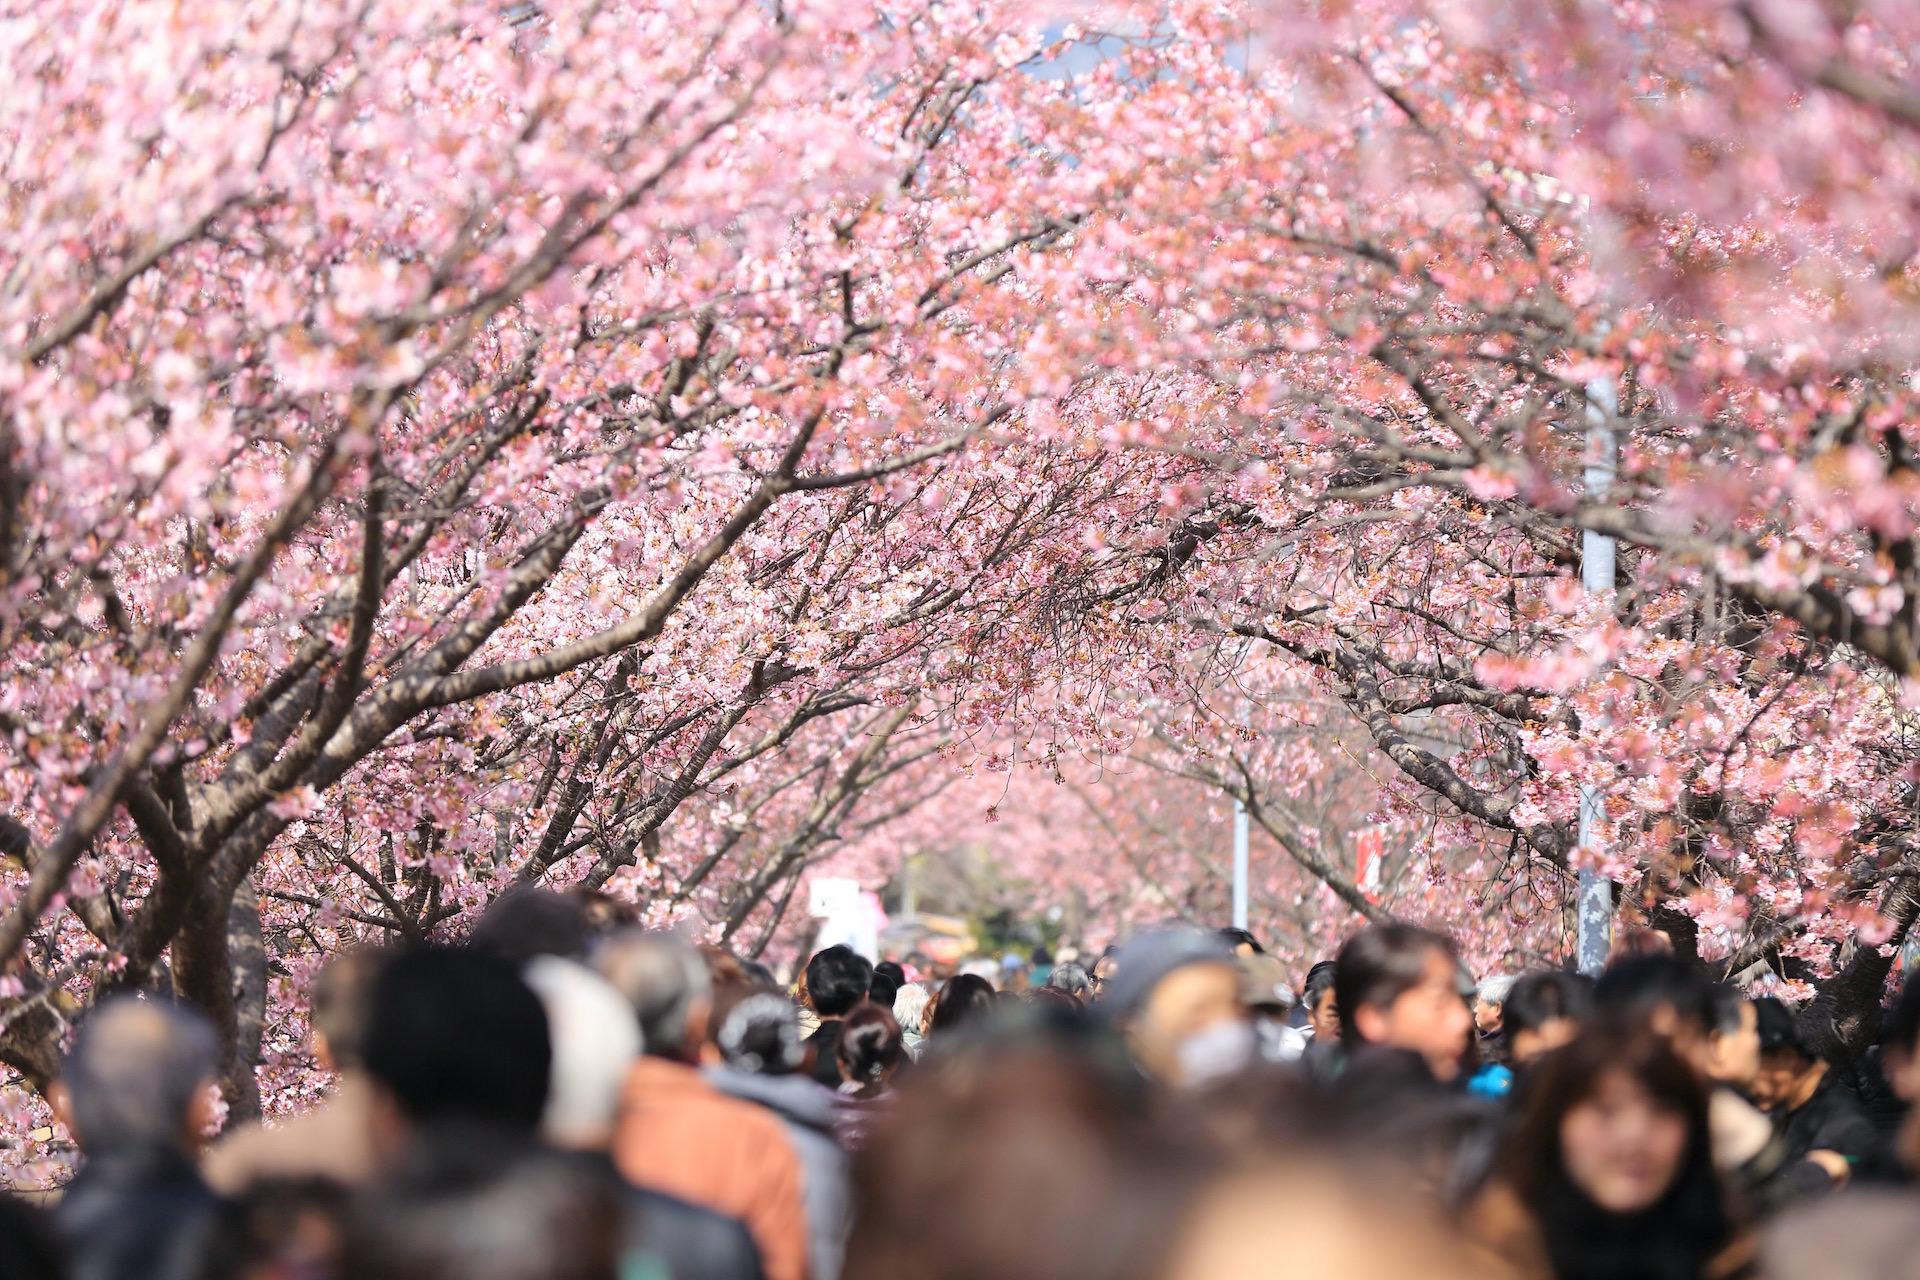 Cerisiers, Bloom, gens, Japon, Rosa - Fonds d'écran HD - Professor-falken.com